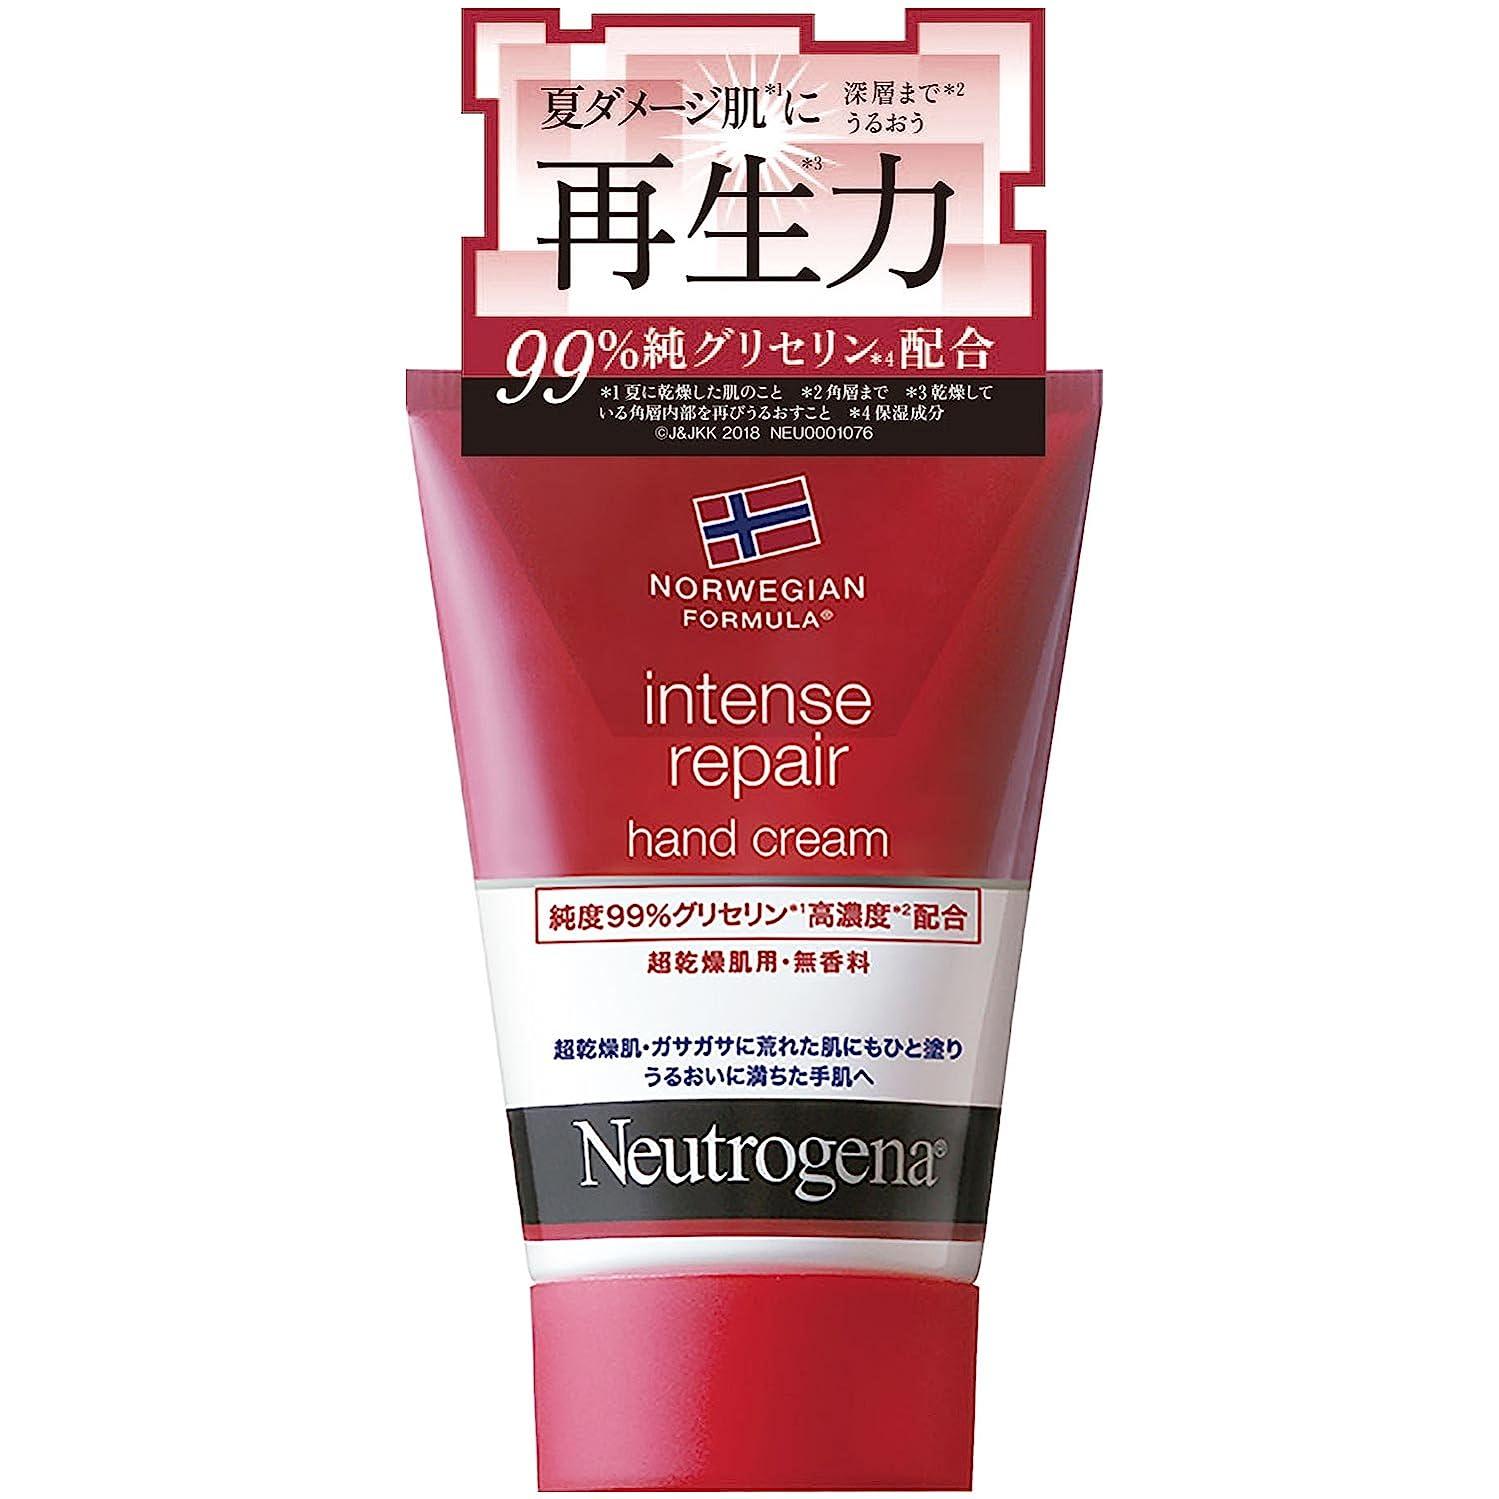 通知通知他のバンドでNeutrogena(ニュートロジーナ) ノルウェーフォーミュラ インテンスリペア ハンドクリーム 超乾燥肌用 無香料 50g